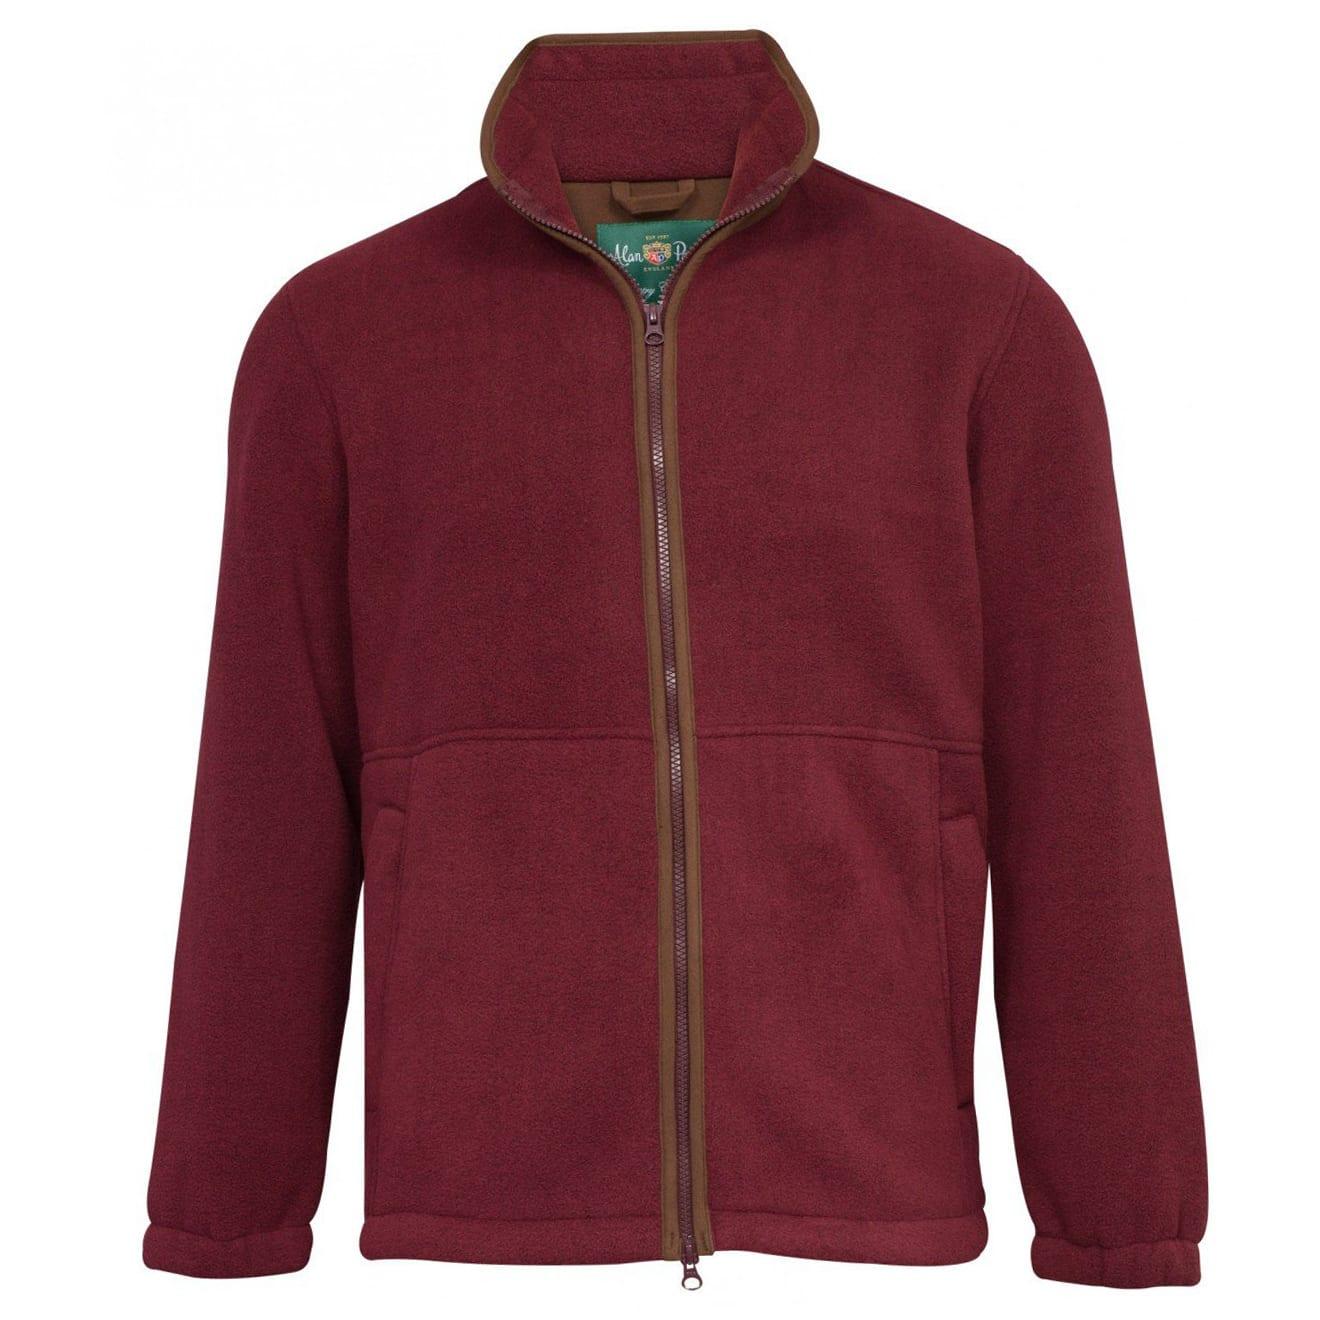 Alan Paine Aylsham full zip fleece jacket bordeaux